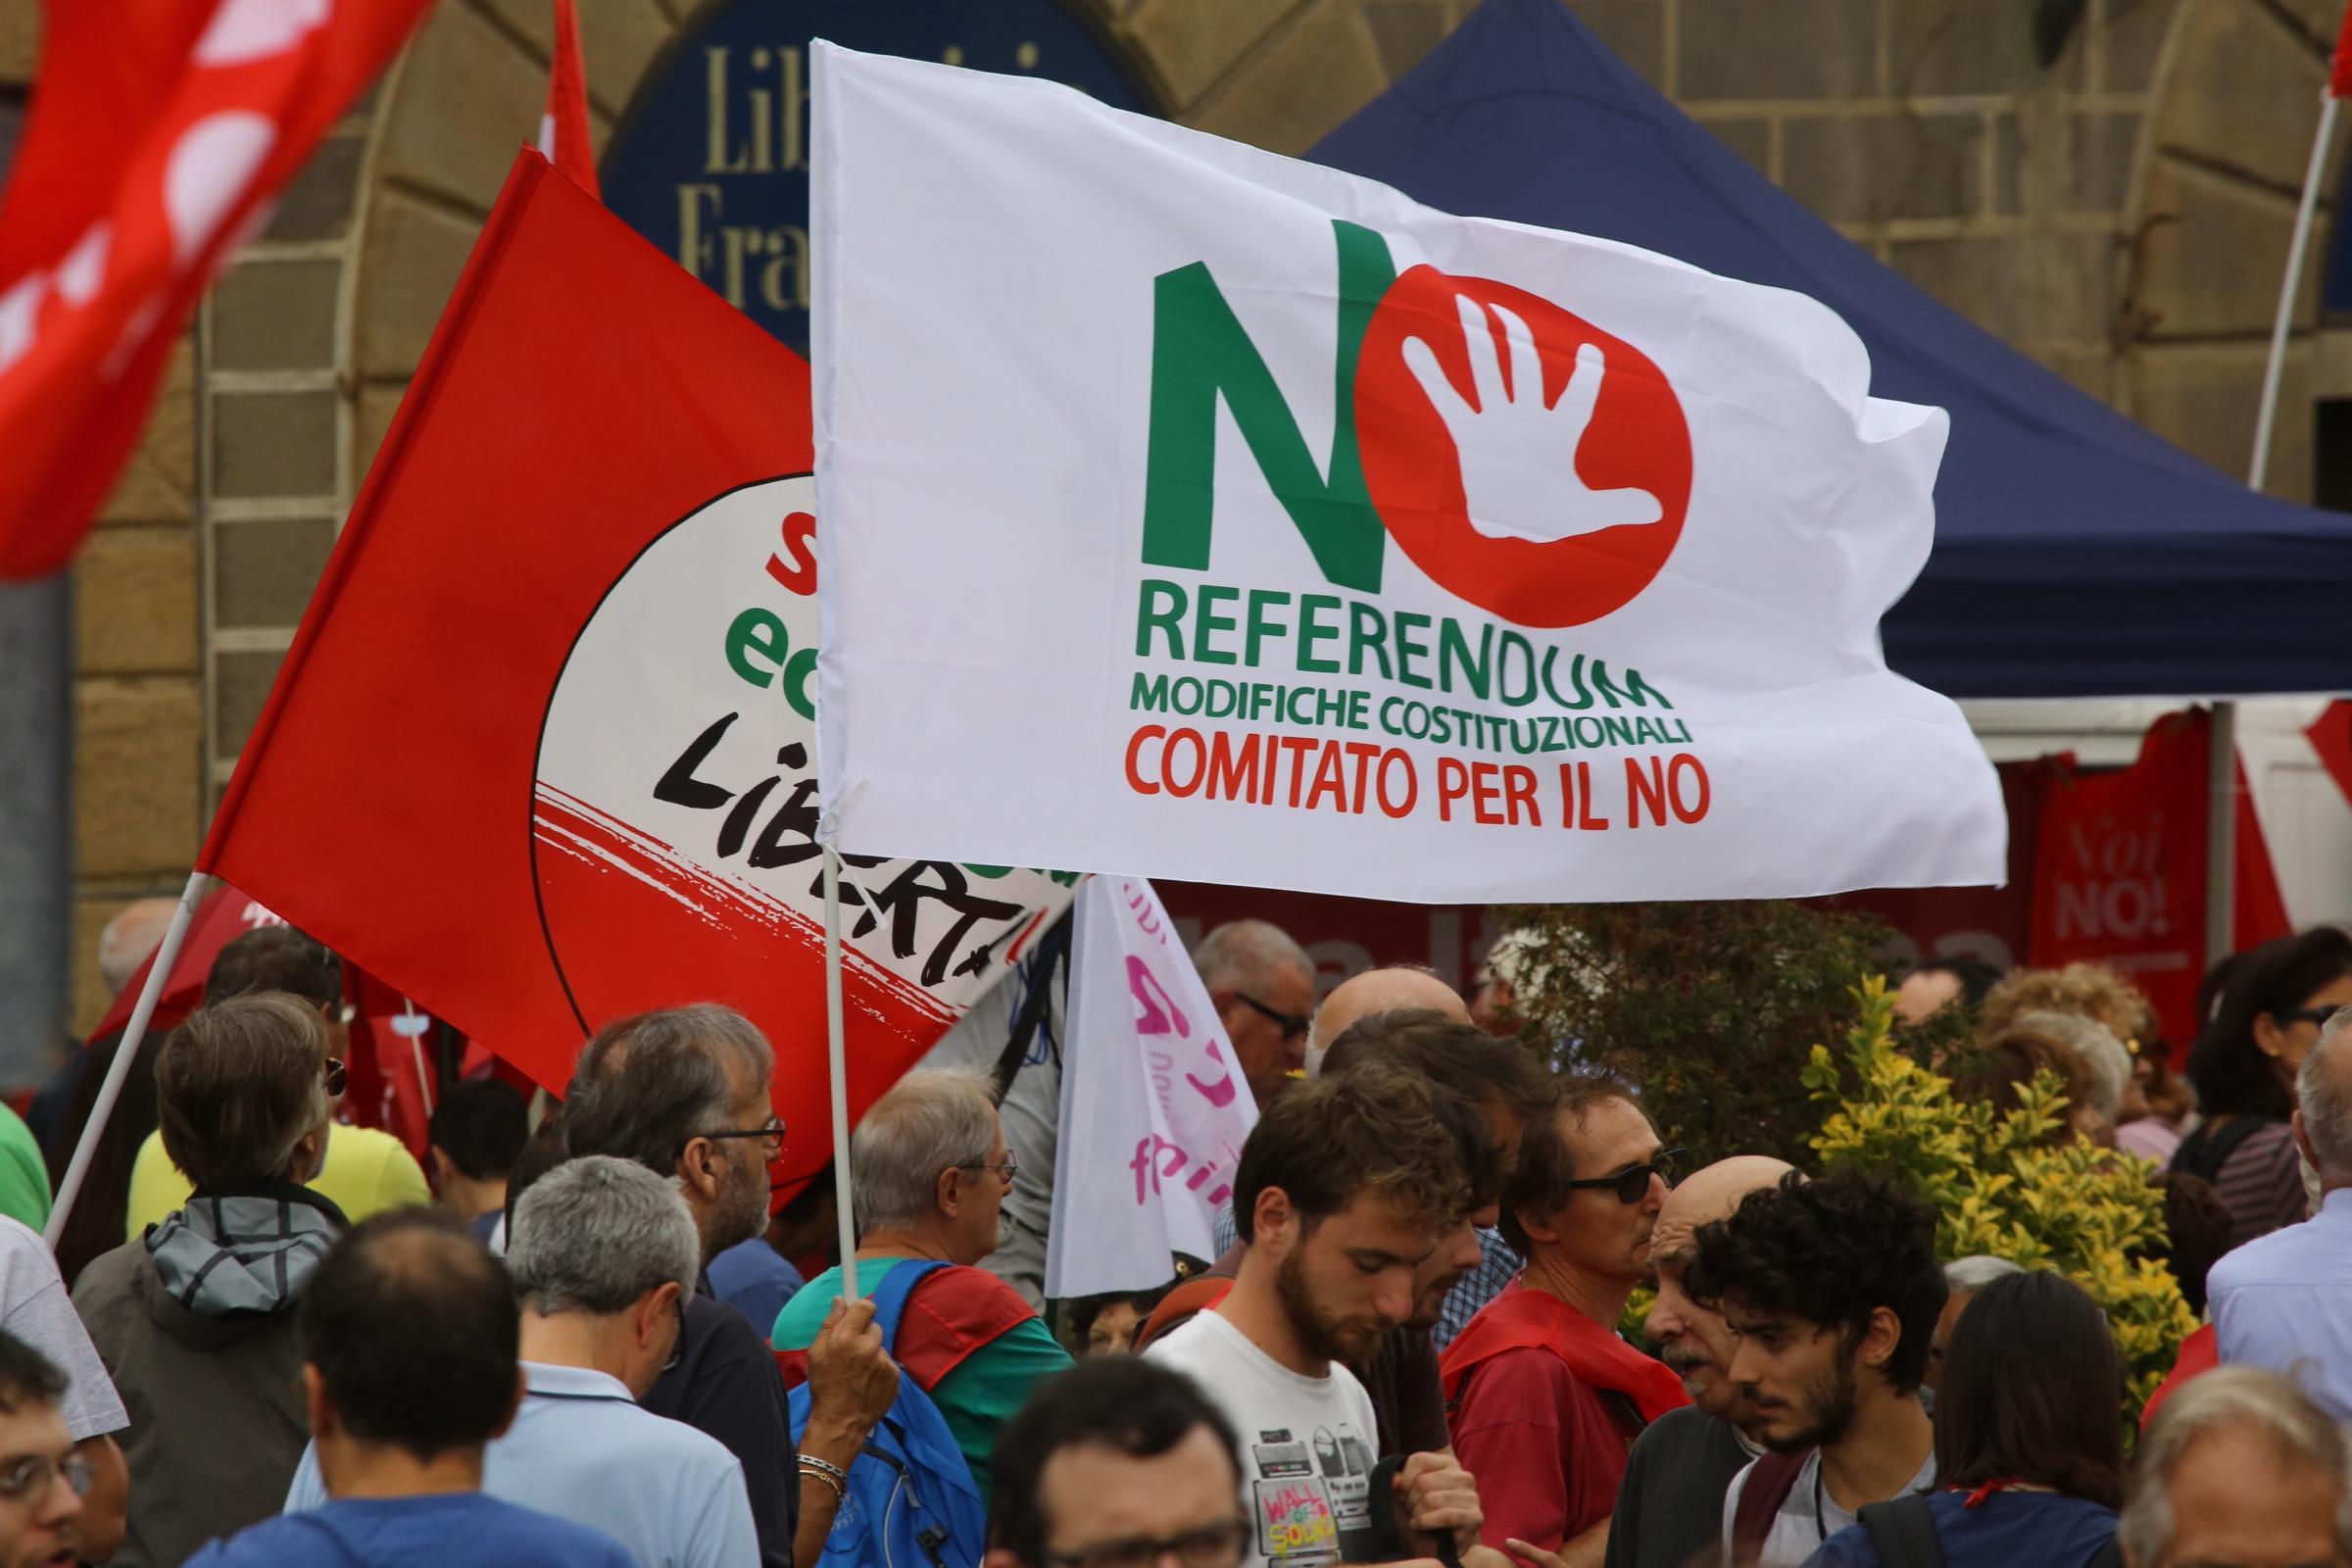 Firenze, Stavolta No: manifestazione contro la riforma costituzionale